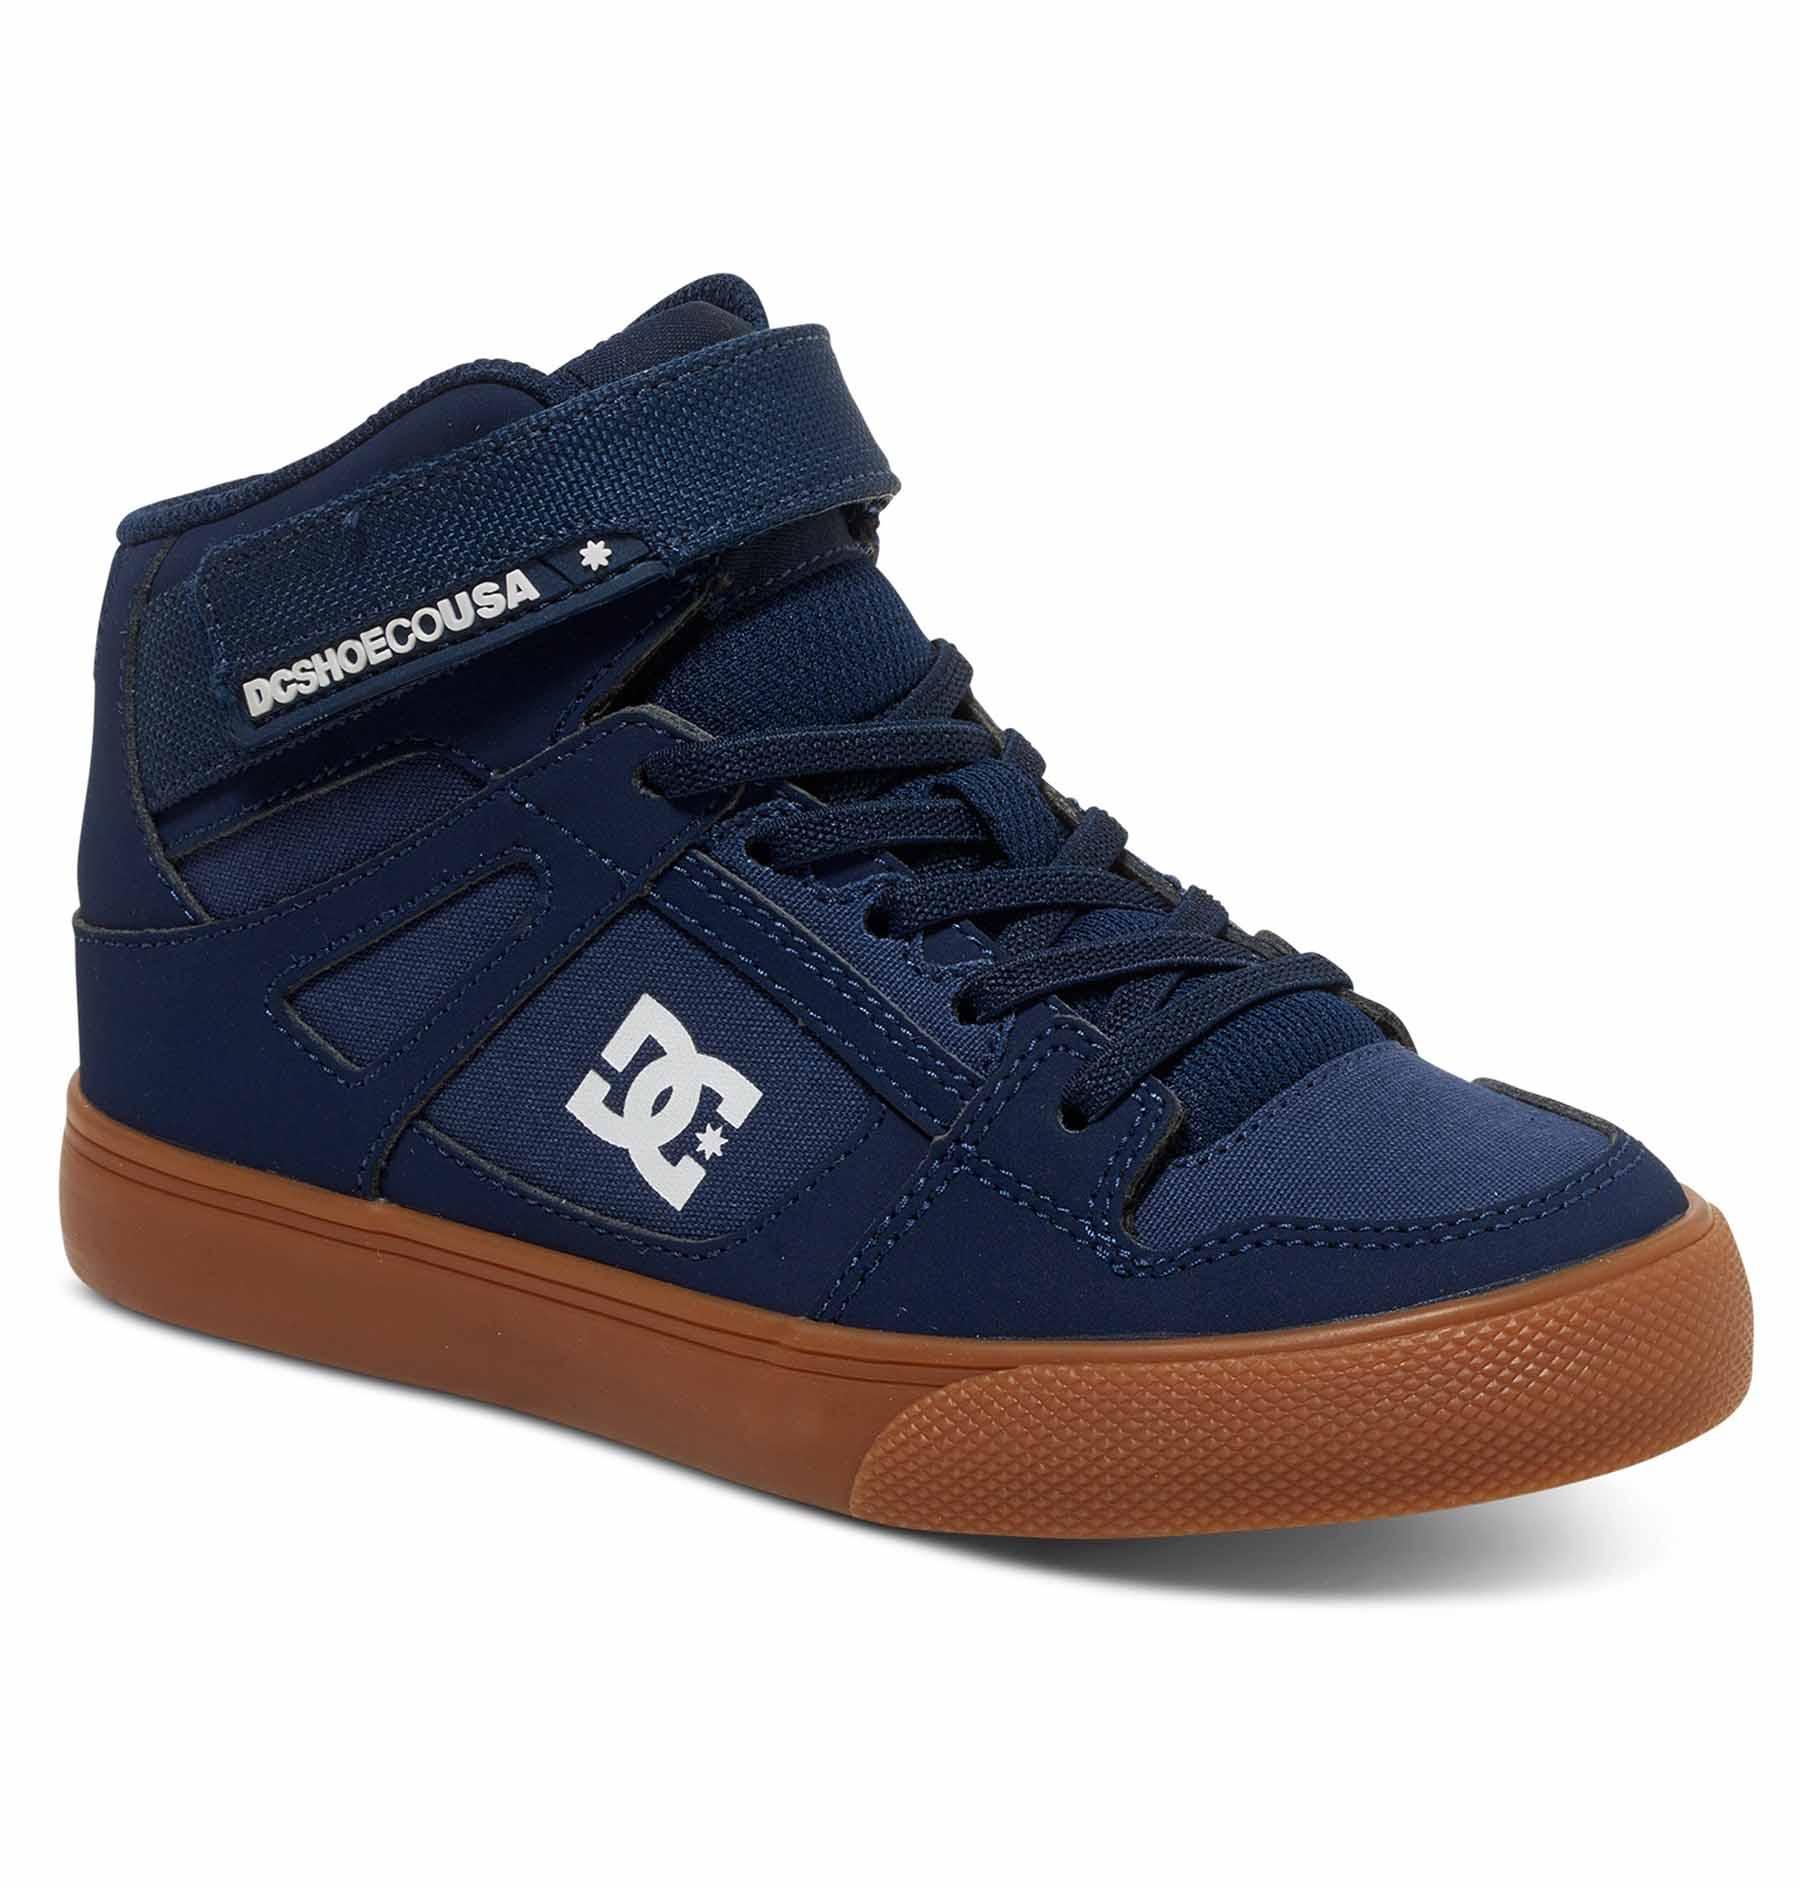 dc unisex child spartan high ev shoes